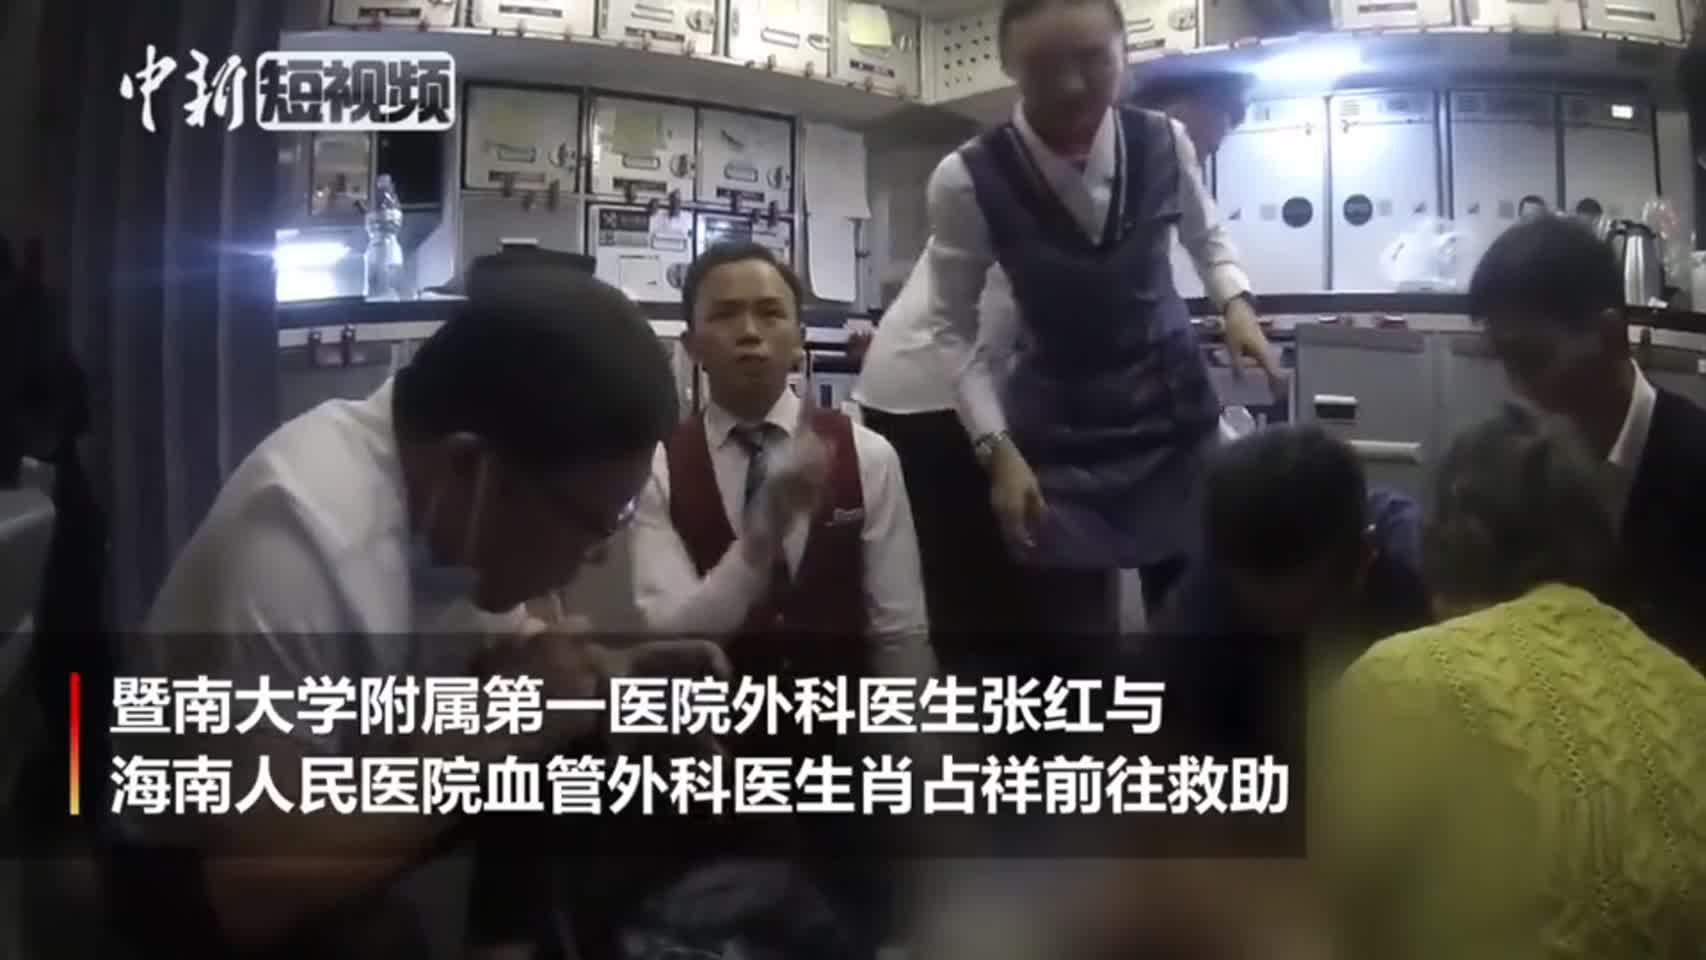 飞机上老人无法排尿或面临膀胱破裂风险 医生用嘴吸尿救人